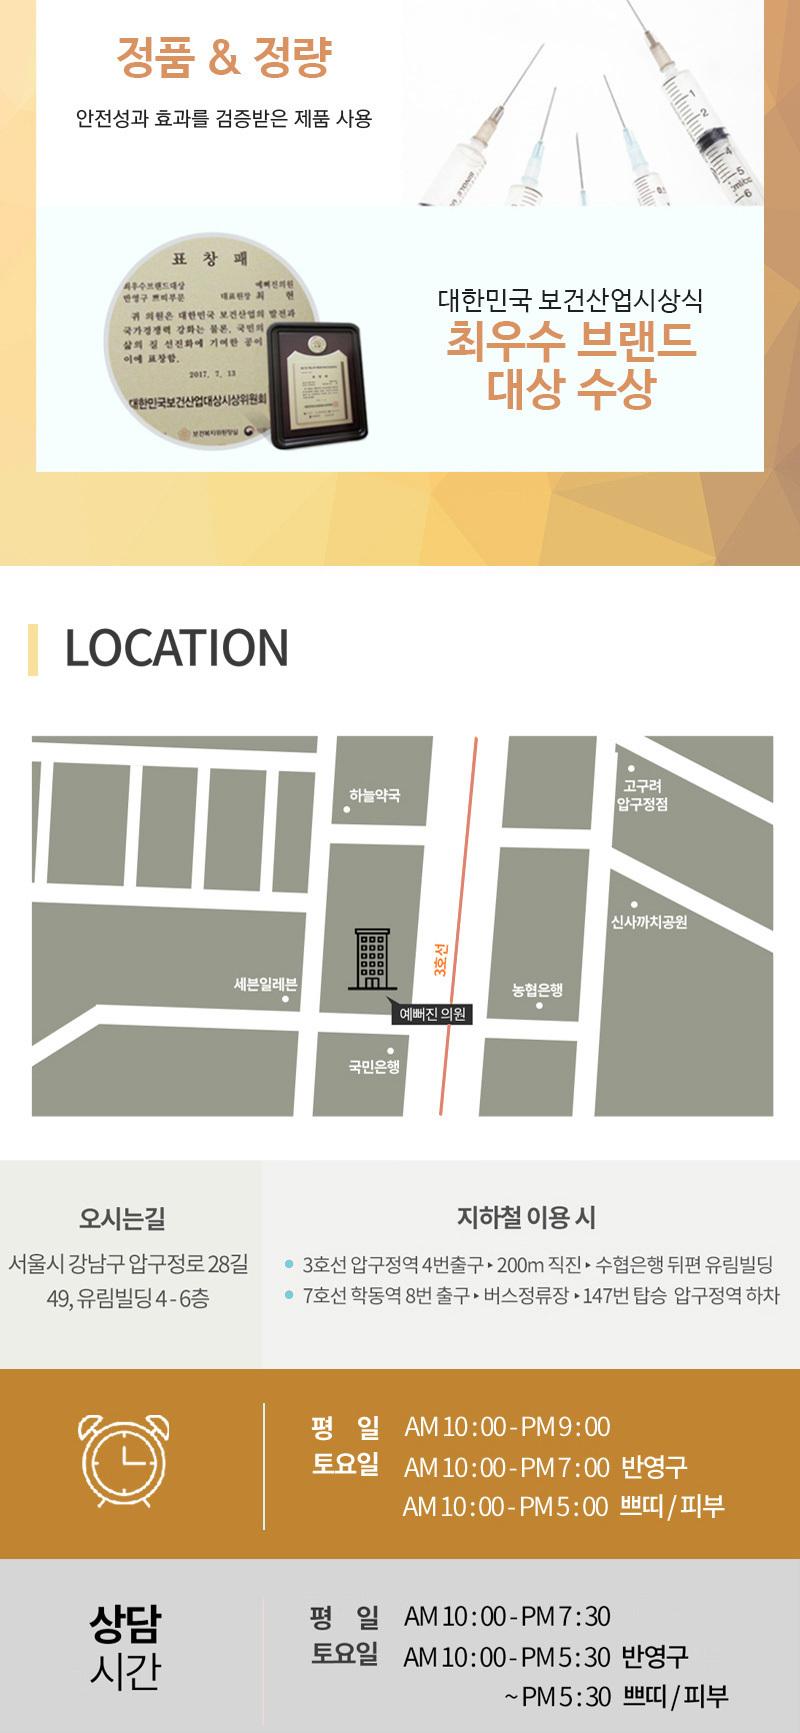 D event info e6cb10969bb9748d2f